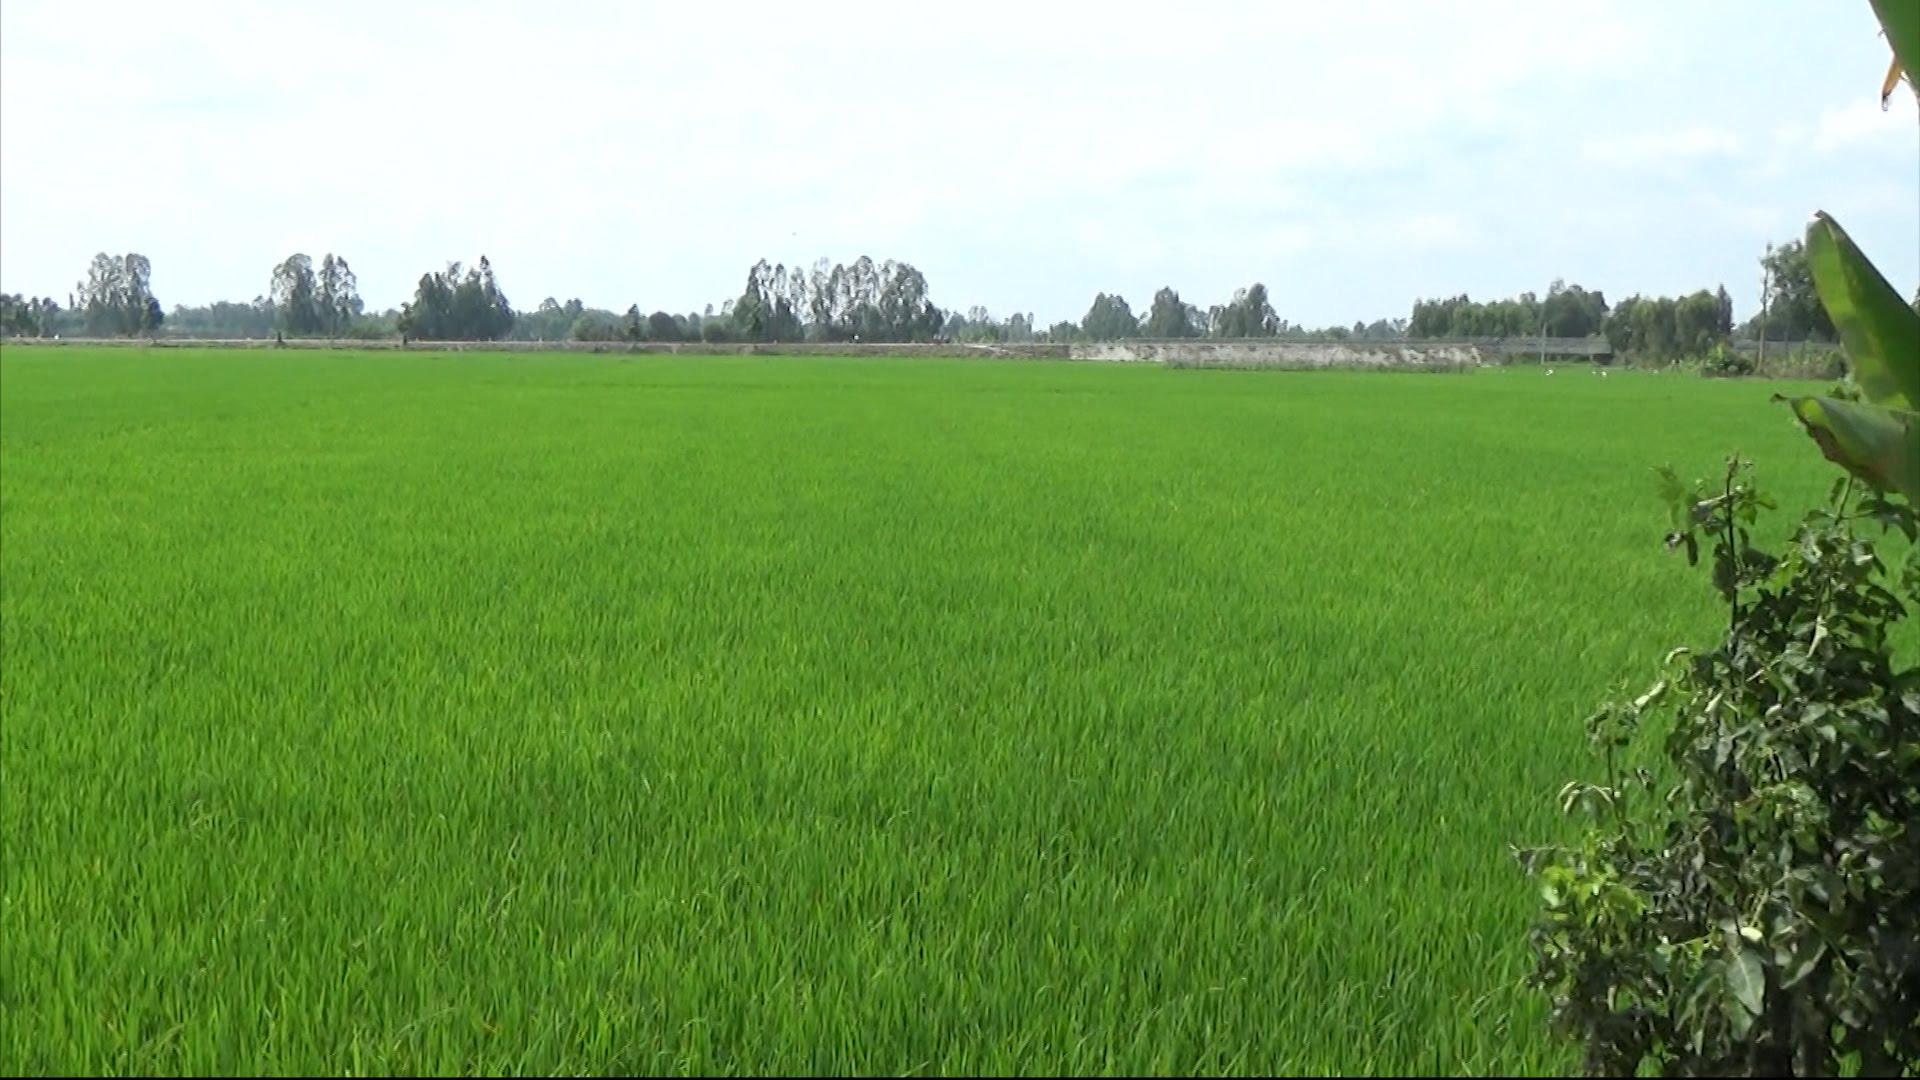 """Bắc Ninh: """"Đất lúa non"""" không sổ đỏ đắt không ngờ, giá đất nông nghiệp ở mức cao - Ảnh 3."""